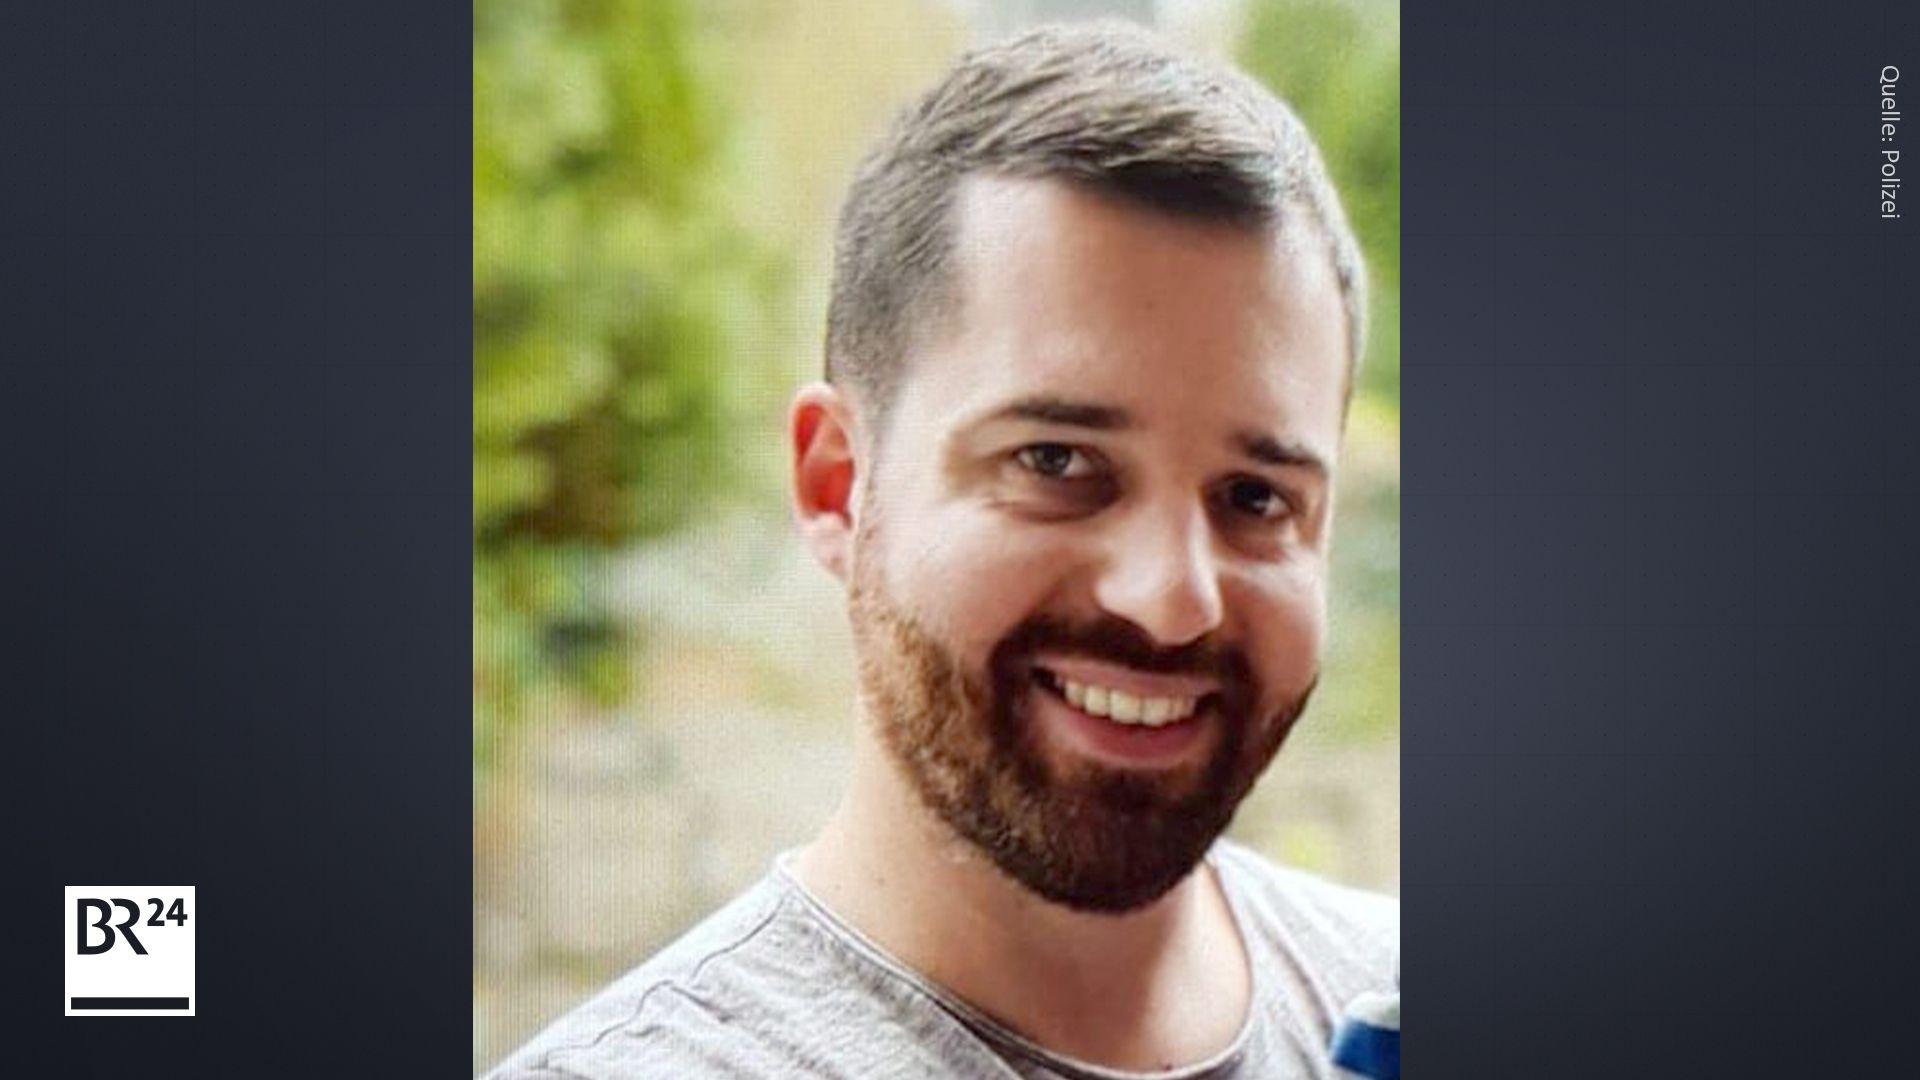 Suche nach dem Vermissten Florian Lang: Polizei bittet um Mithilfe